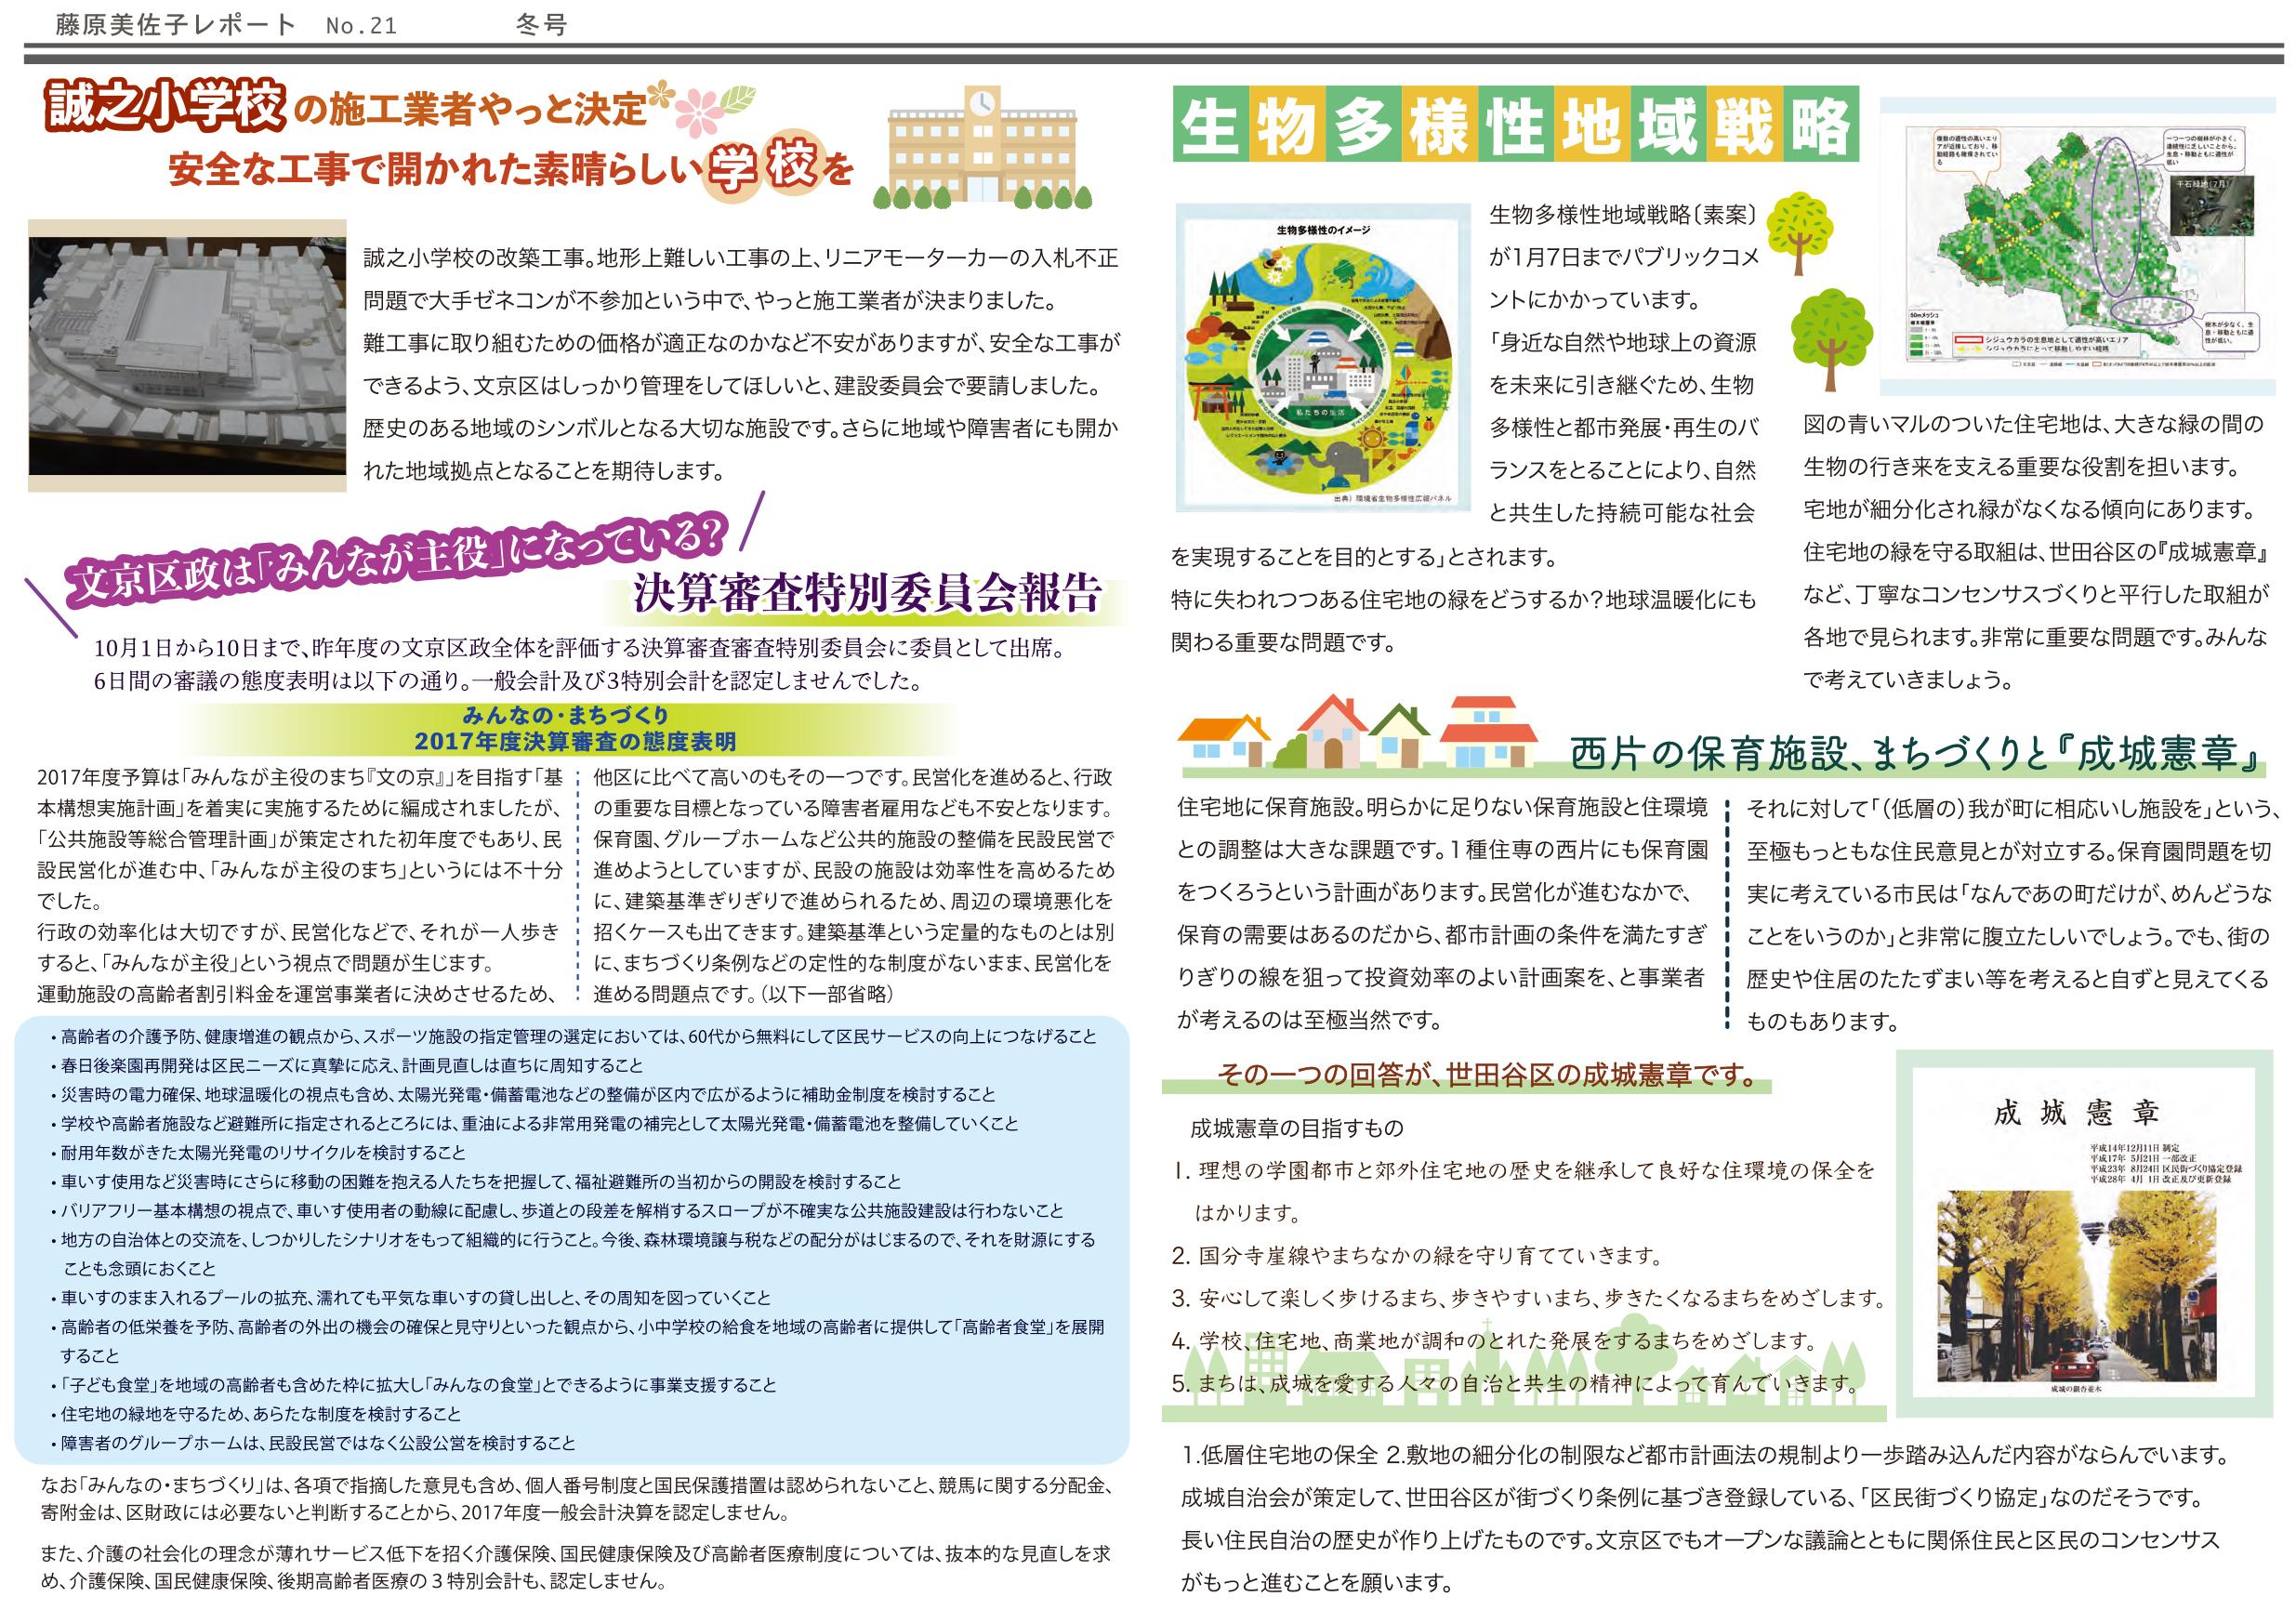 藤原美佐子レポート No.21-2